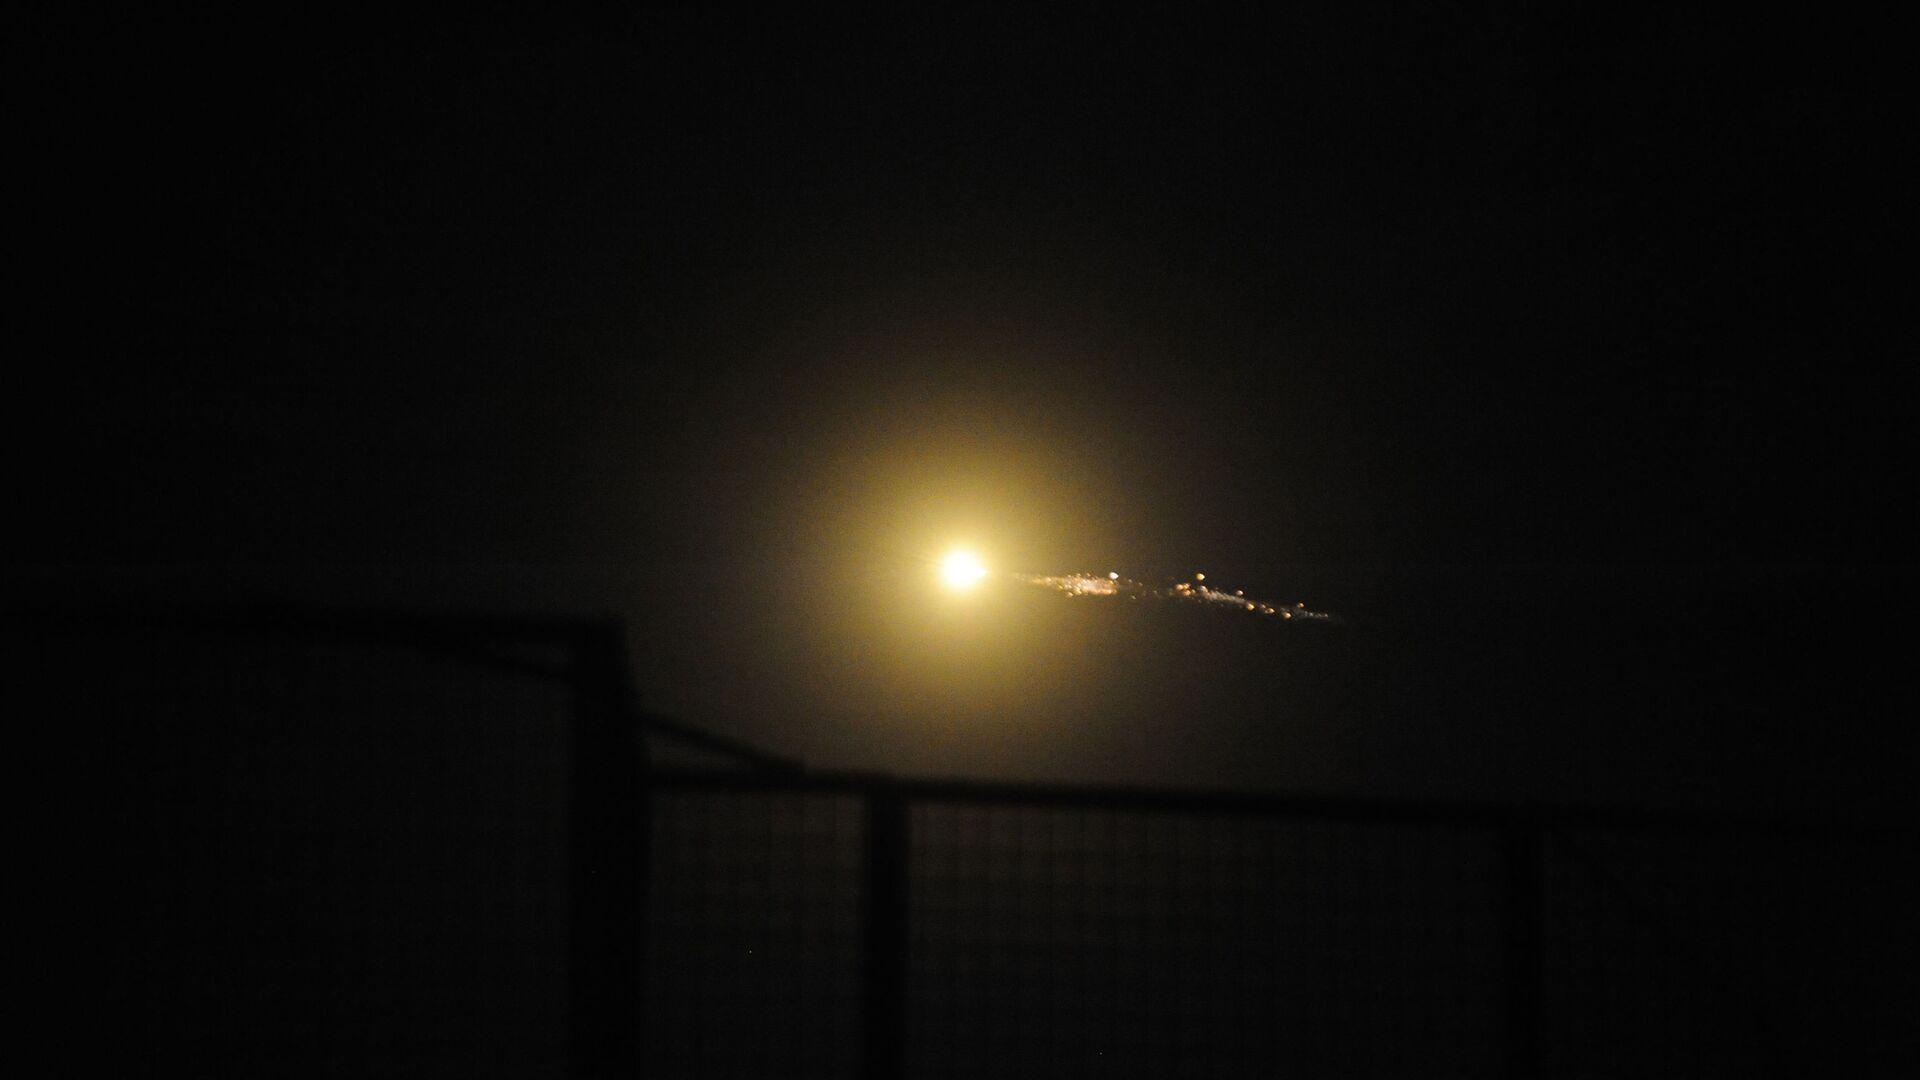 Cирийские средства противовоздушной обороны отражают удар израильской армии. 21 января 2019  - РИА Новости, 1920, 25.11.2020